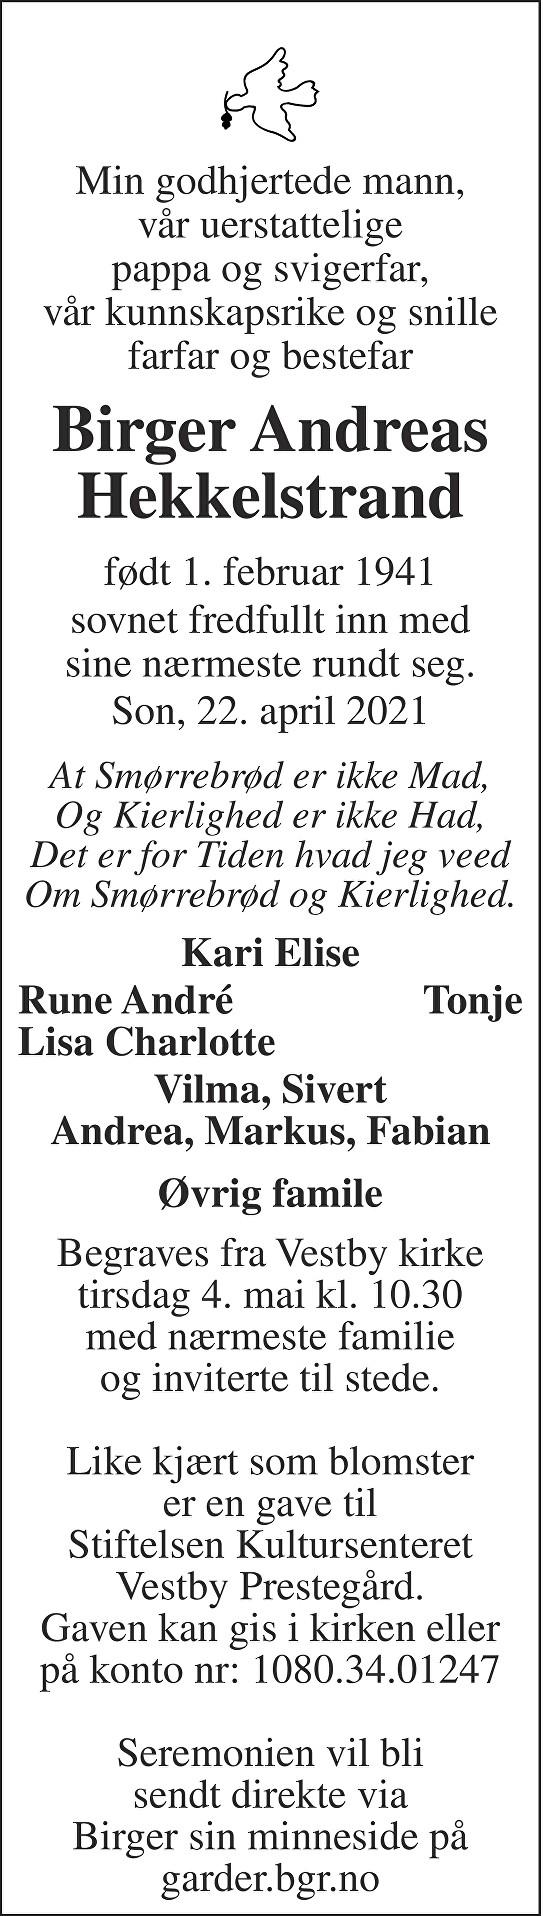 Birger Andreas Hekkelstrand Dødsannonse